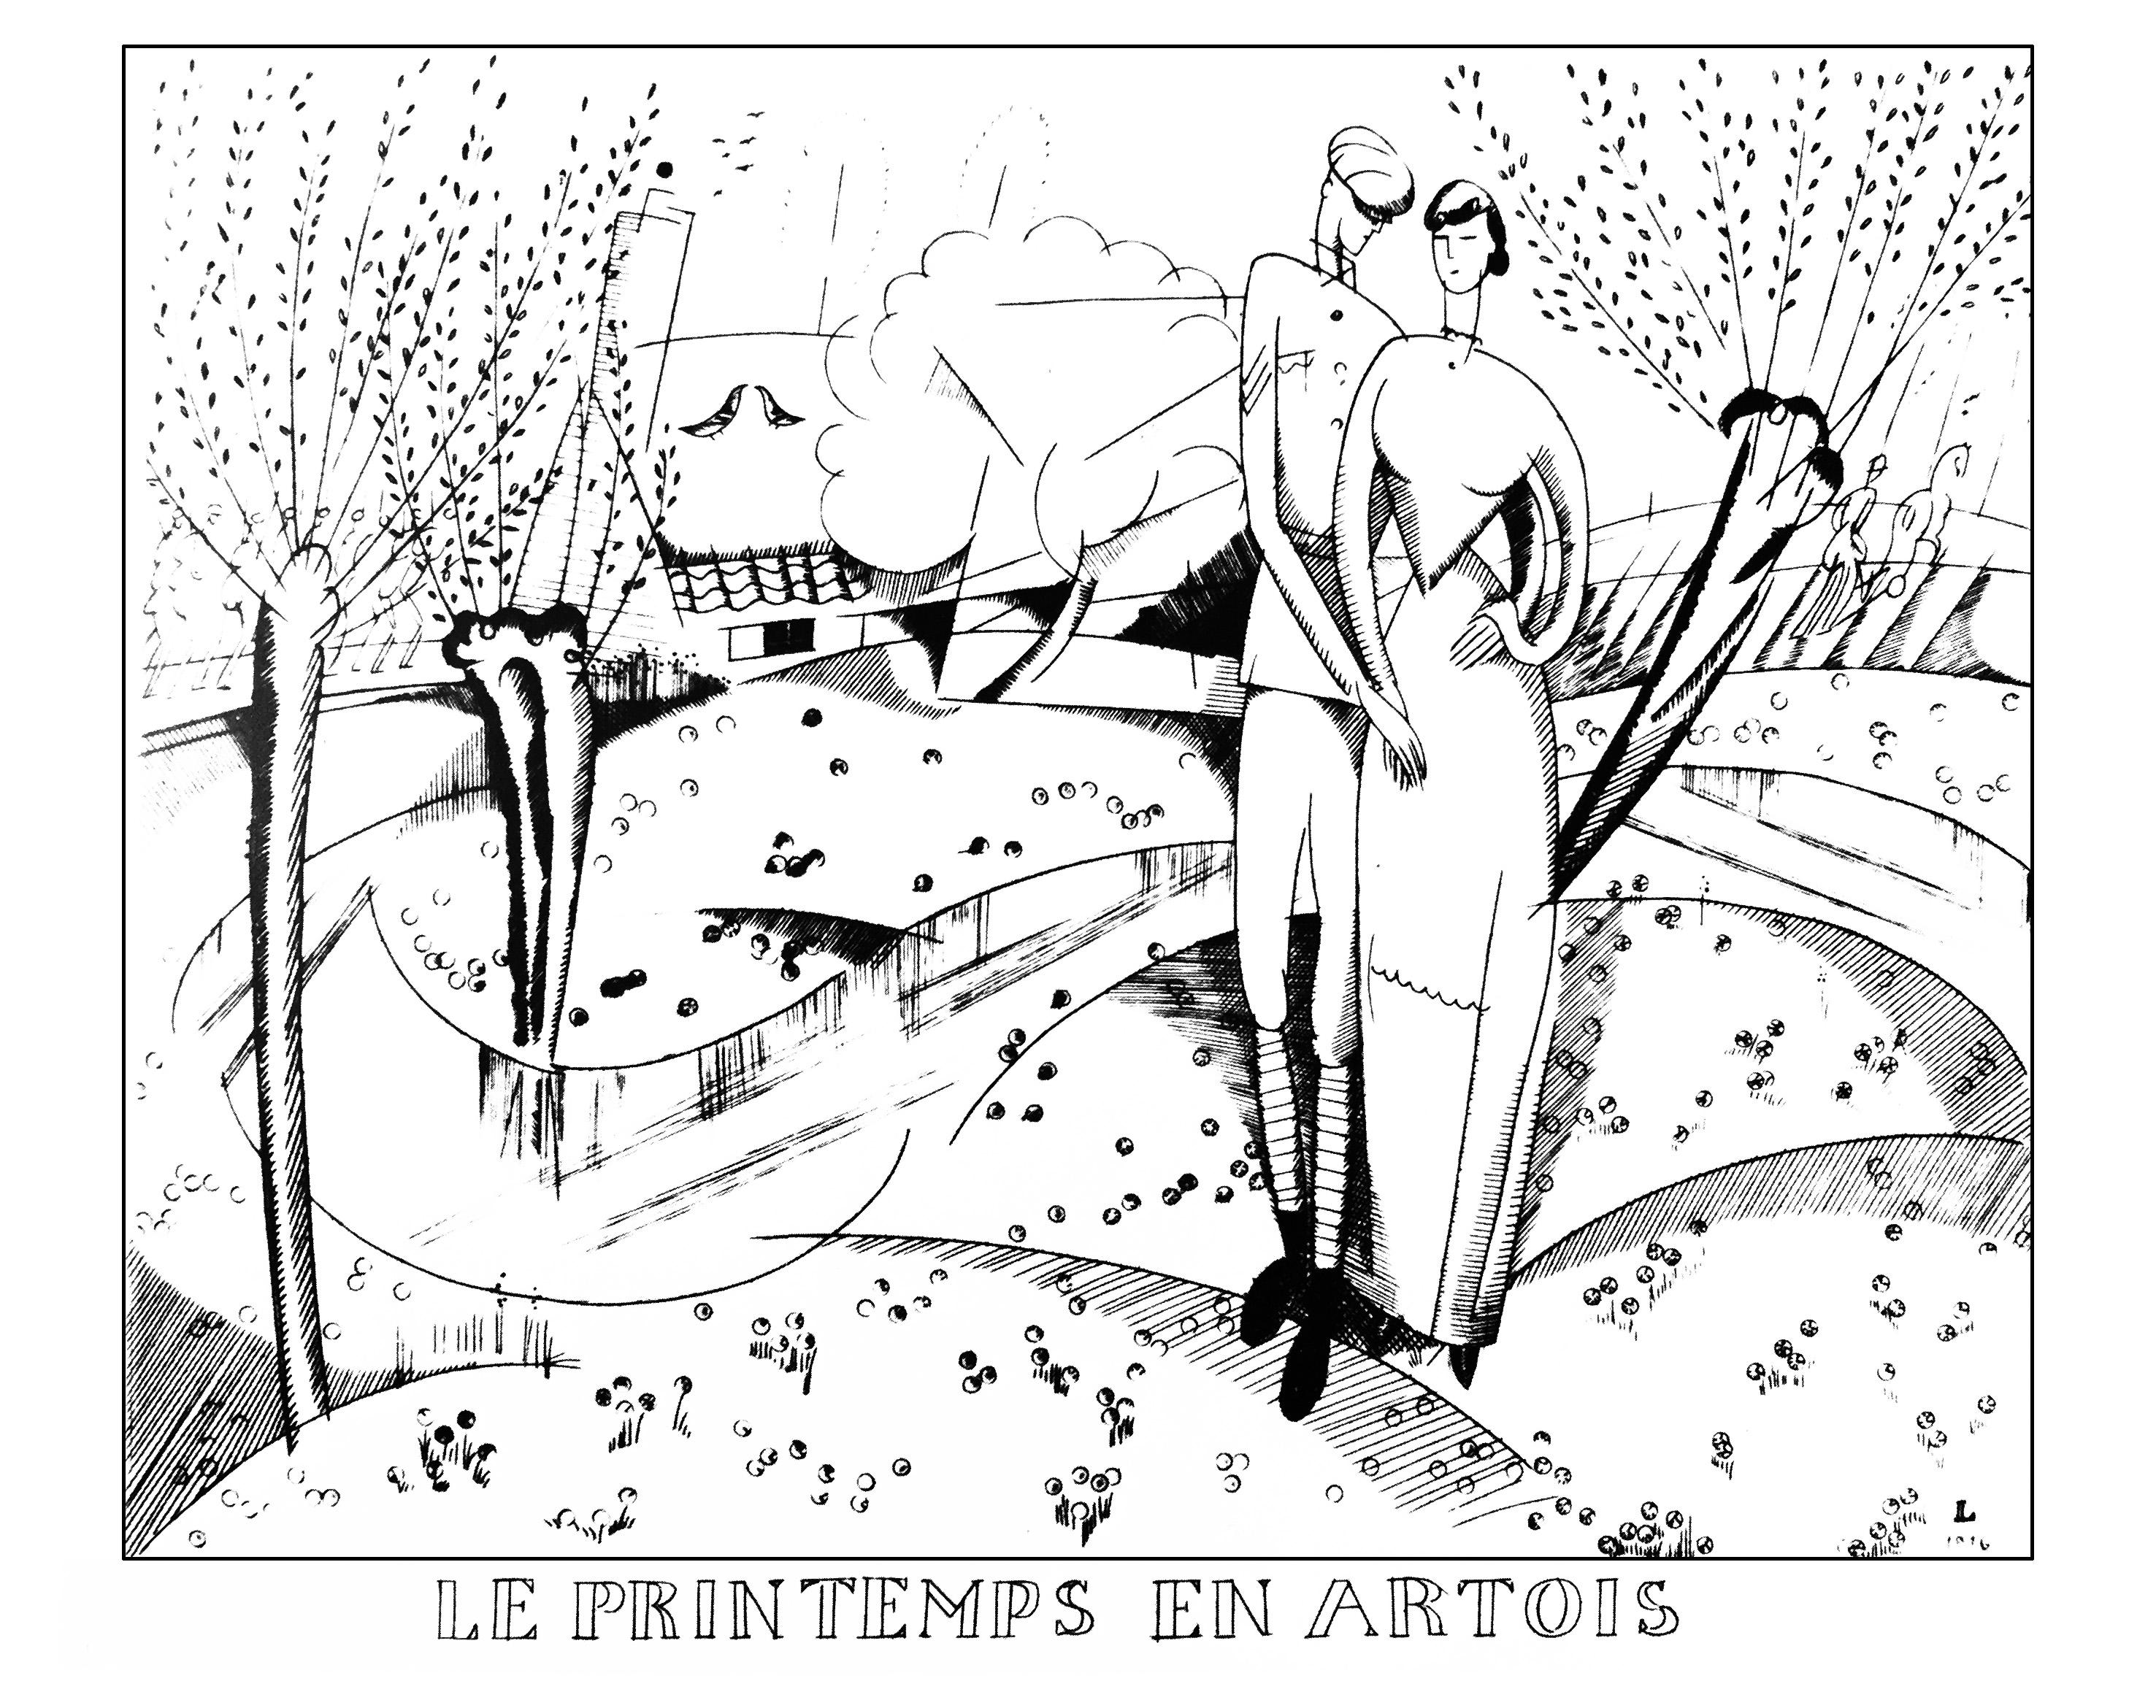 Coloriage créé à partir d'un dessin style Art Déco de Jean-Emile Laboureur : Le printemps en Artois (1916)